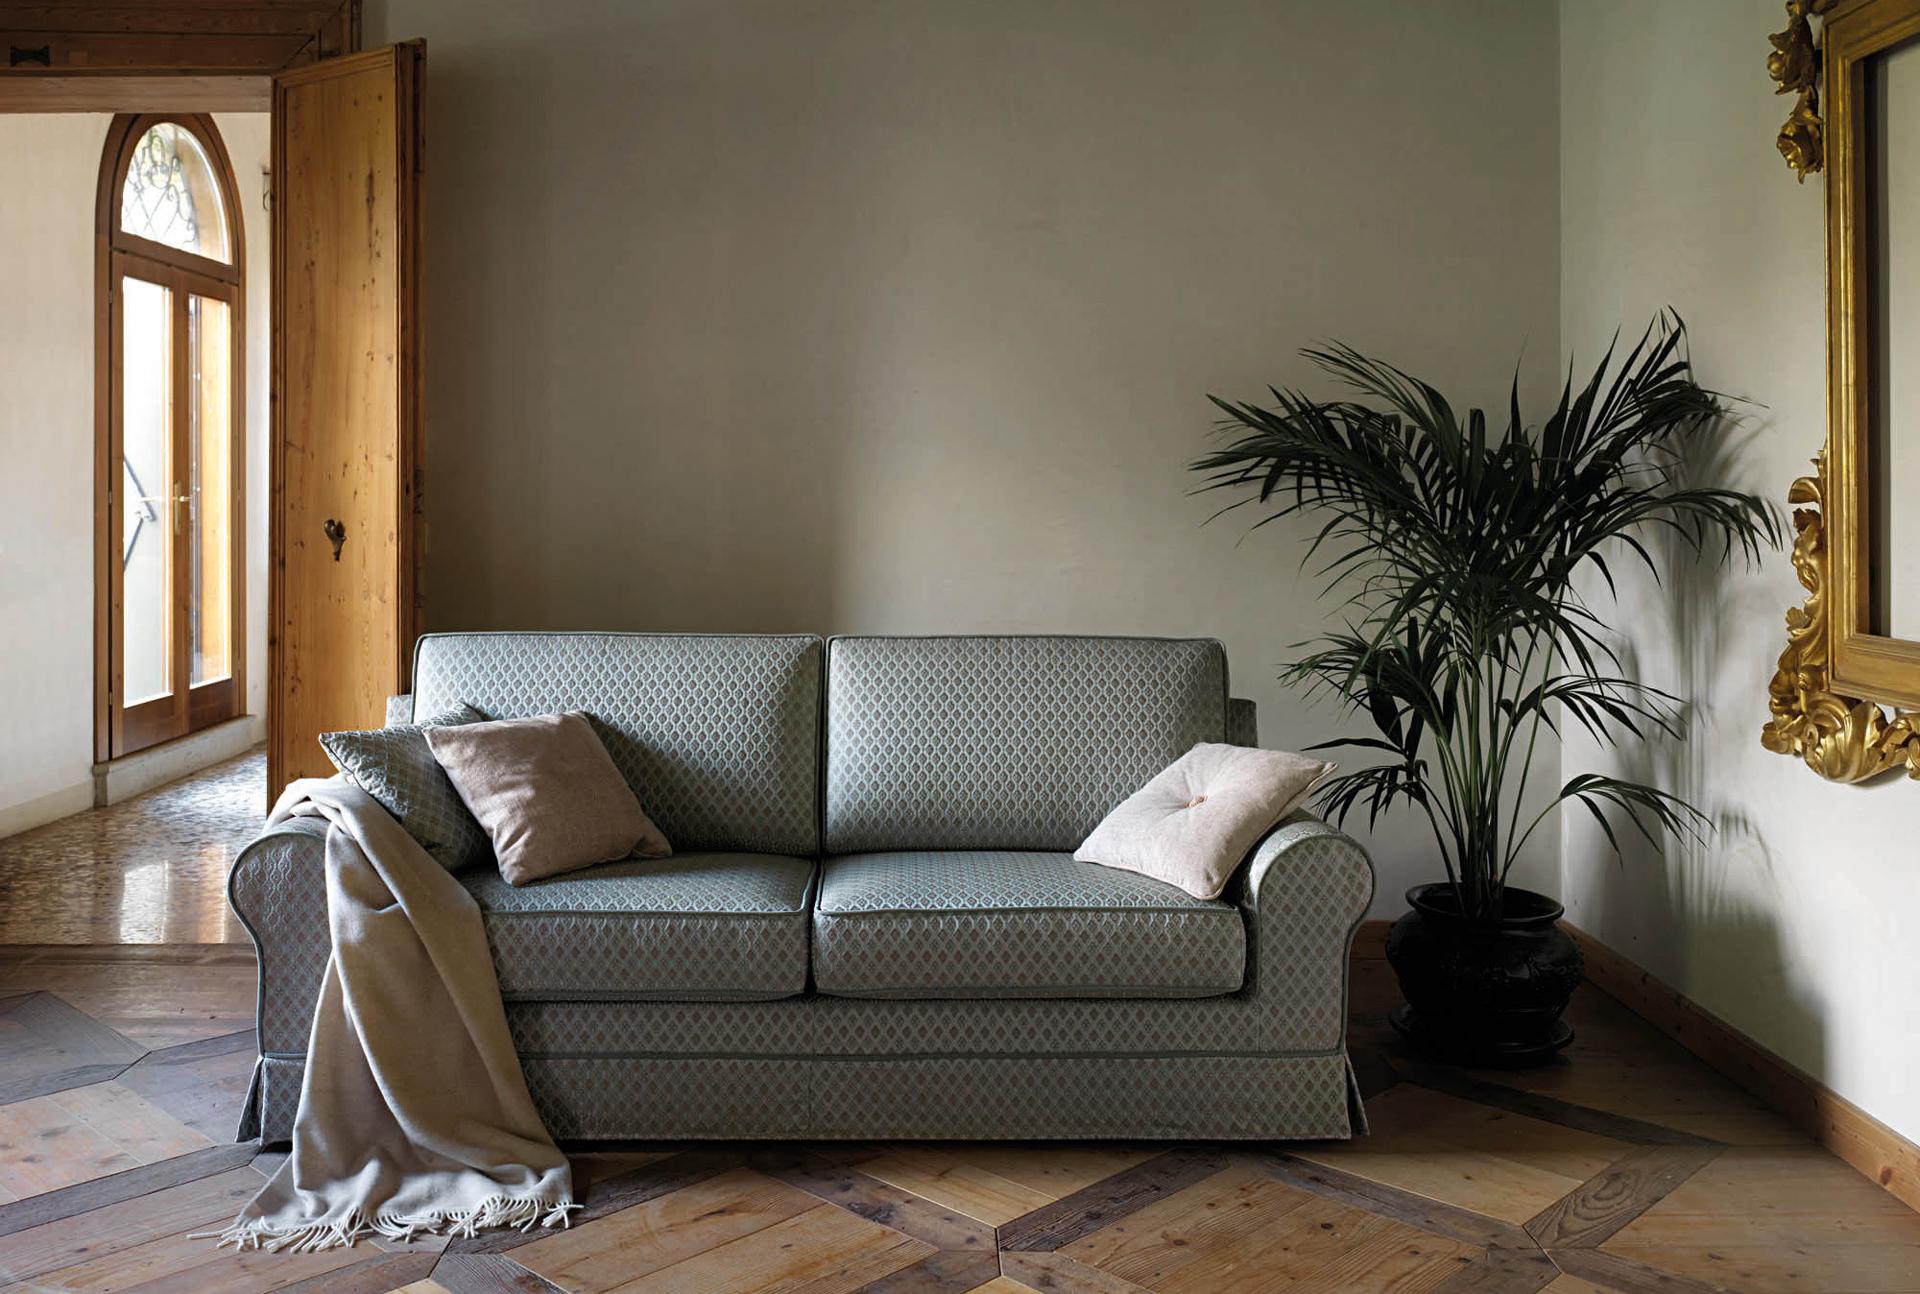 06_MTM-arreda-progettazione-su-misura-gatteo-arredamento-divani